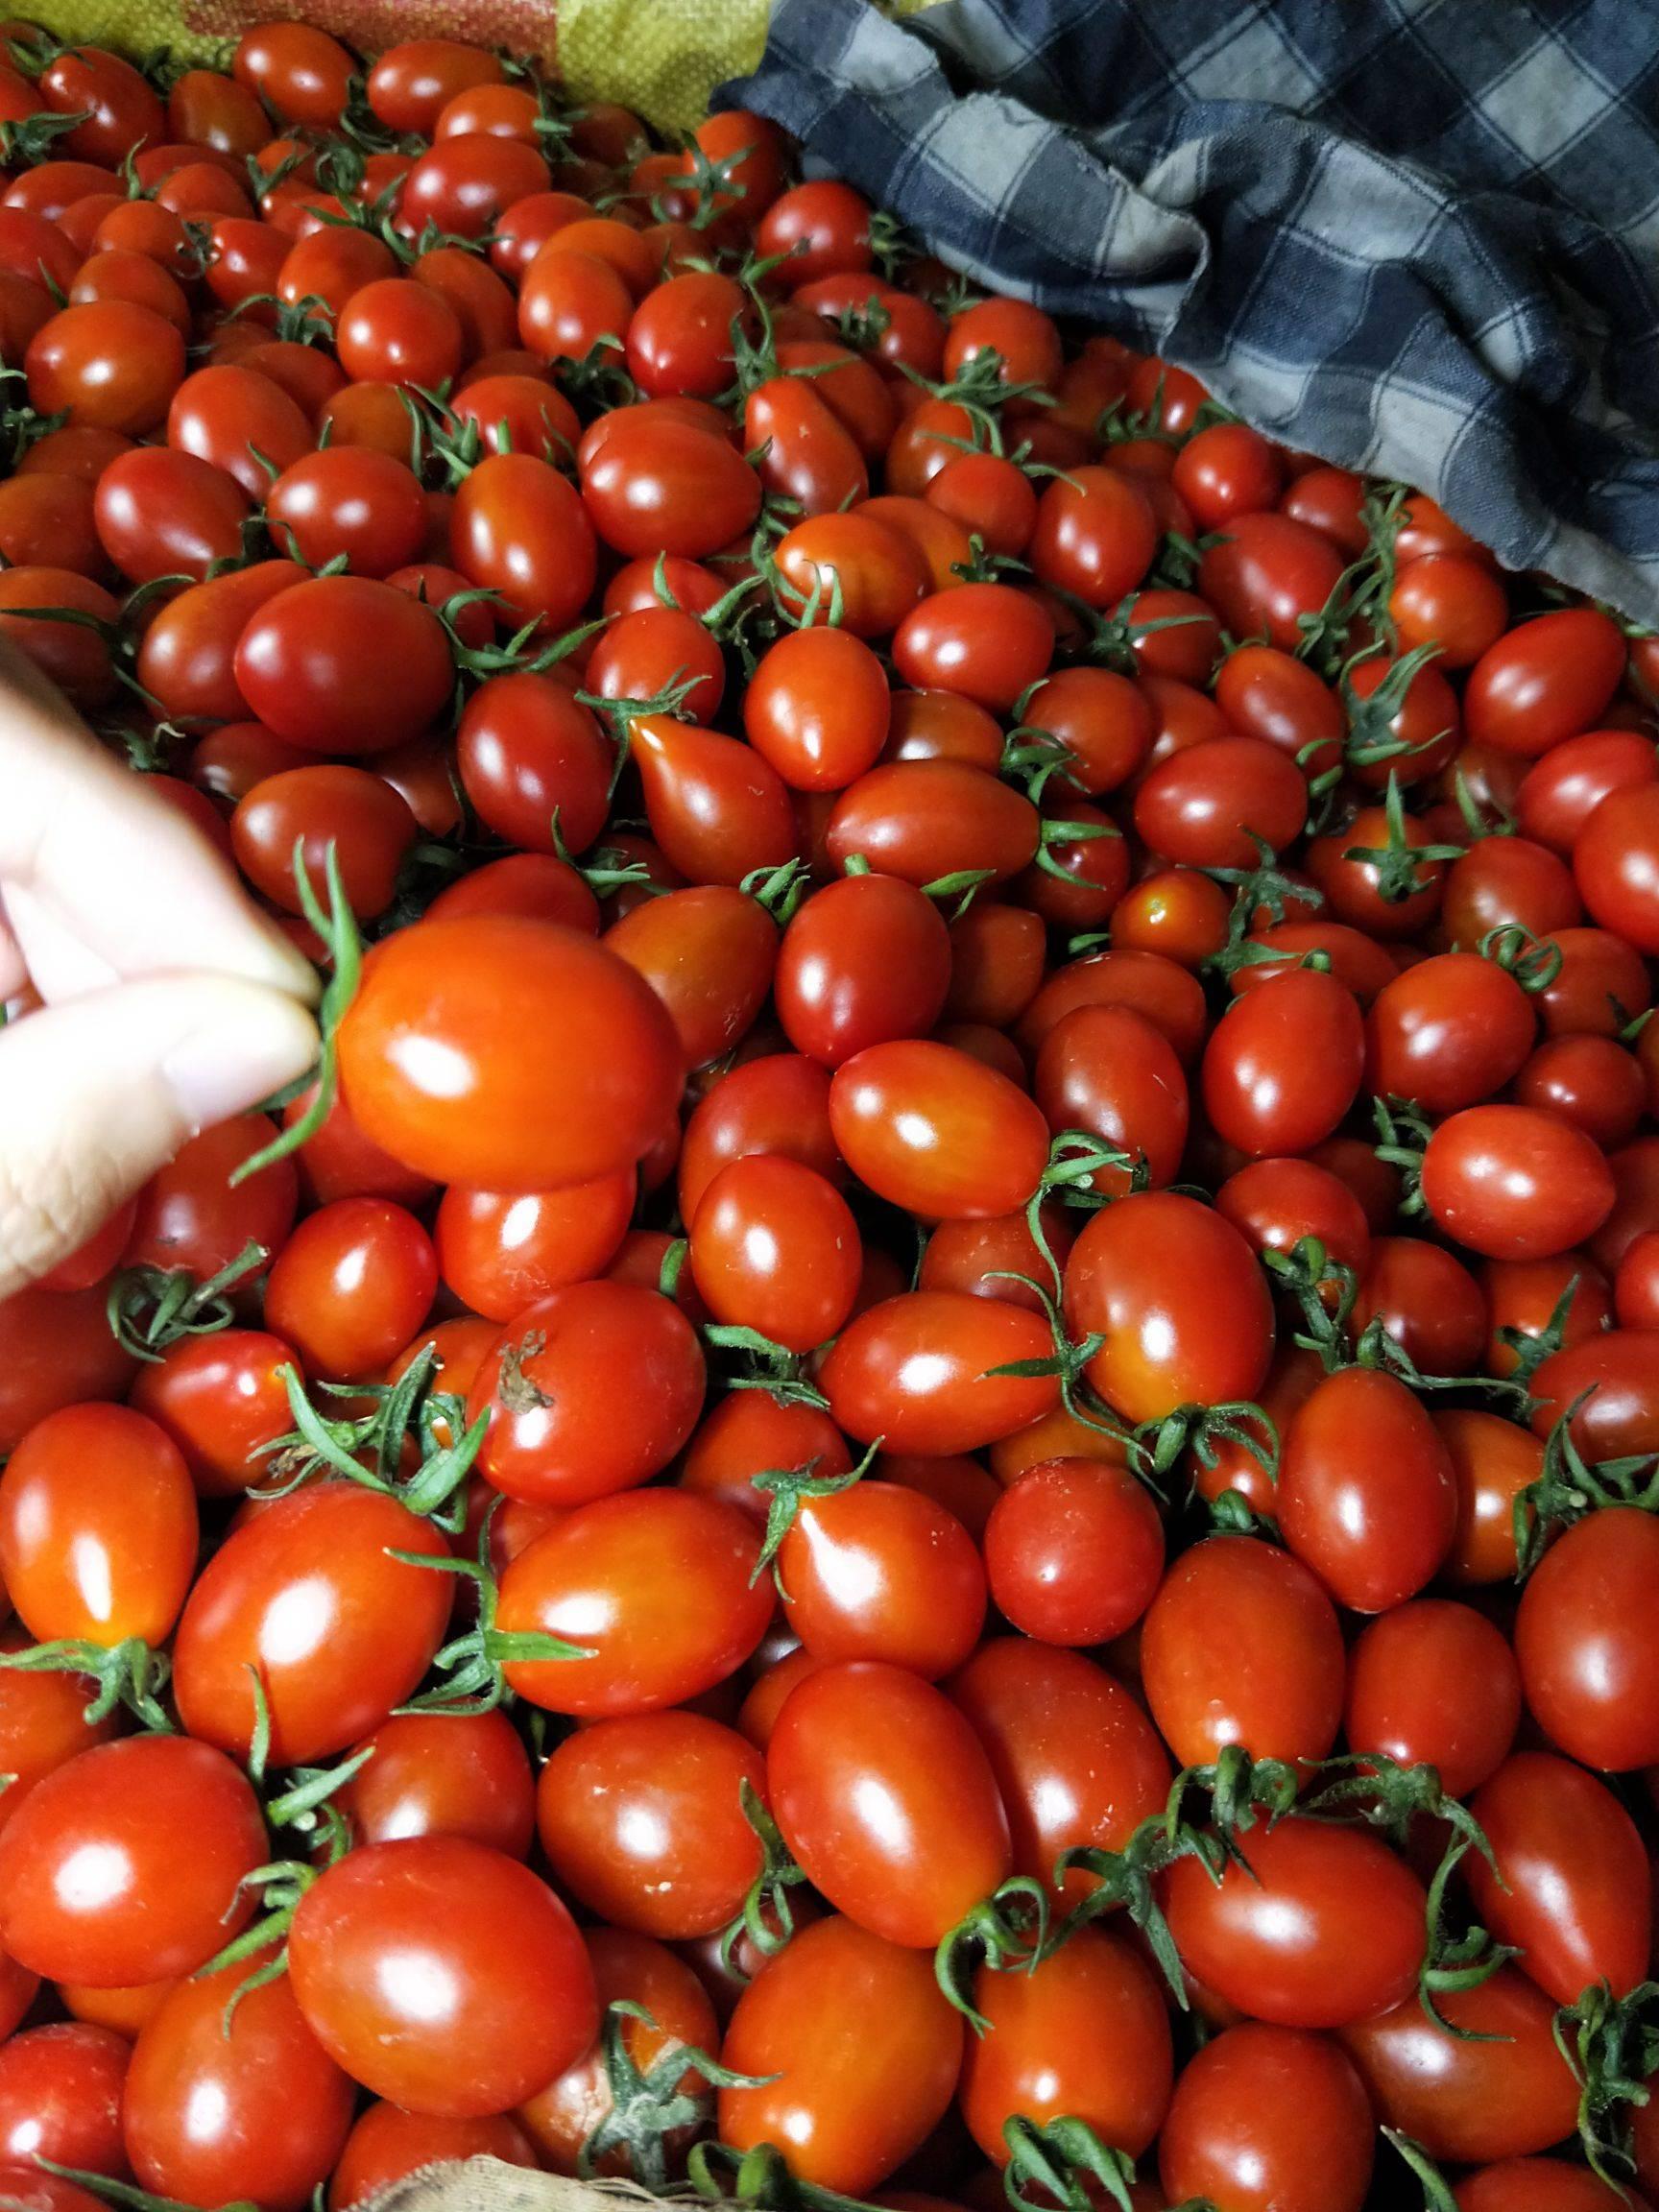 此圣女果品名斧山88,為青島農業科研基地研發新品種,酸甜可